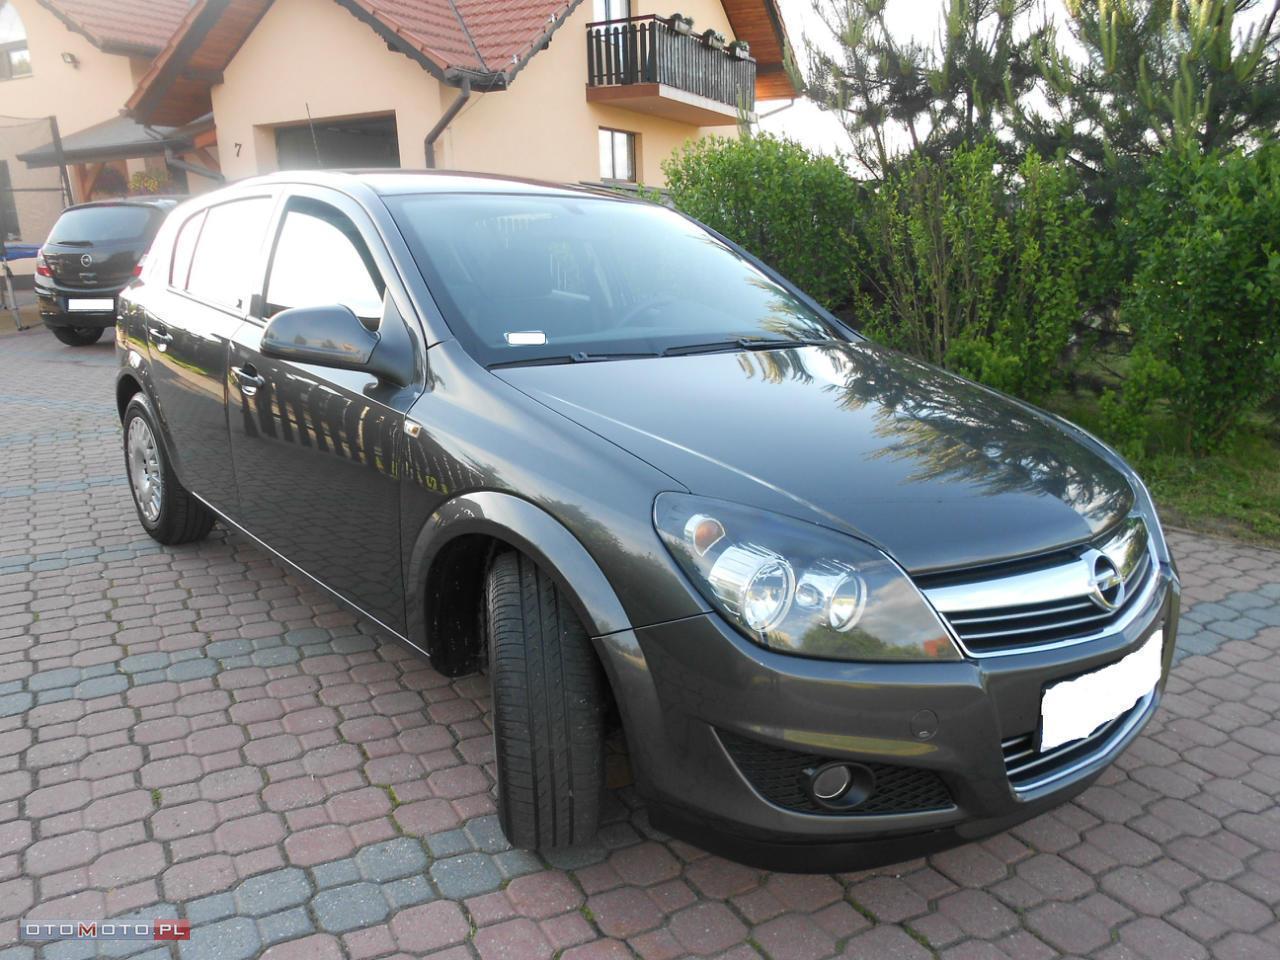 Opel Astra 1.7 CDTI 110 COSMO SALON PL